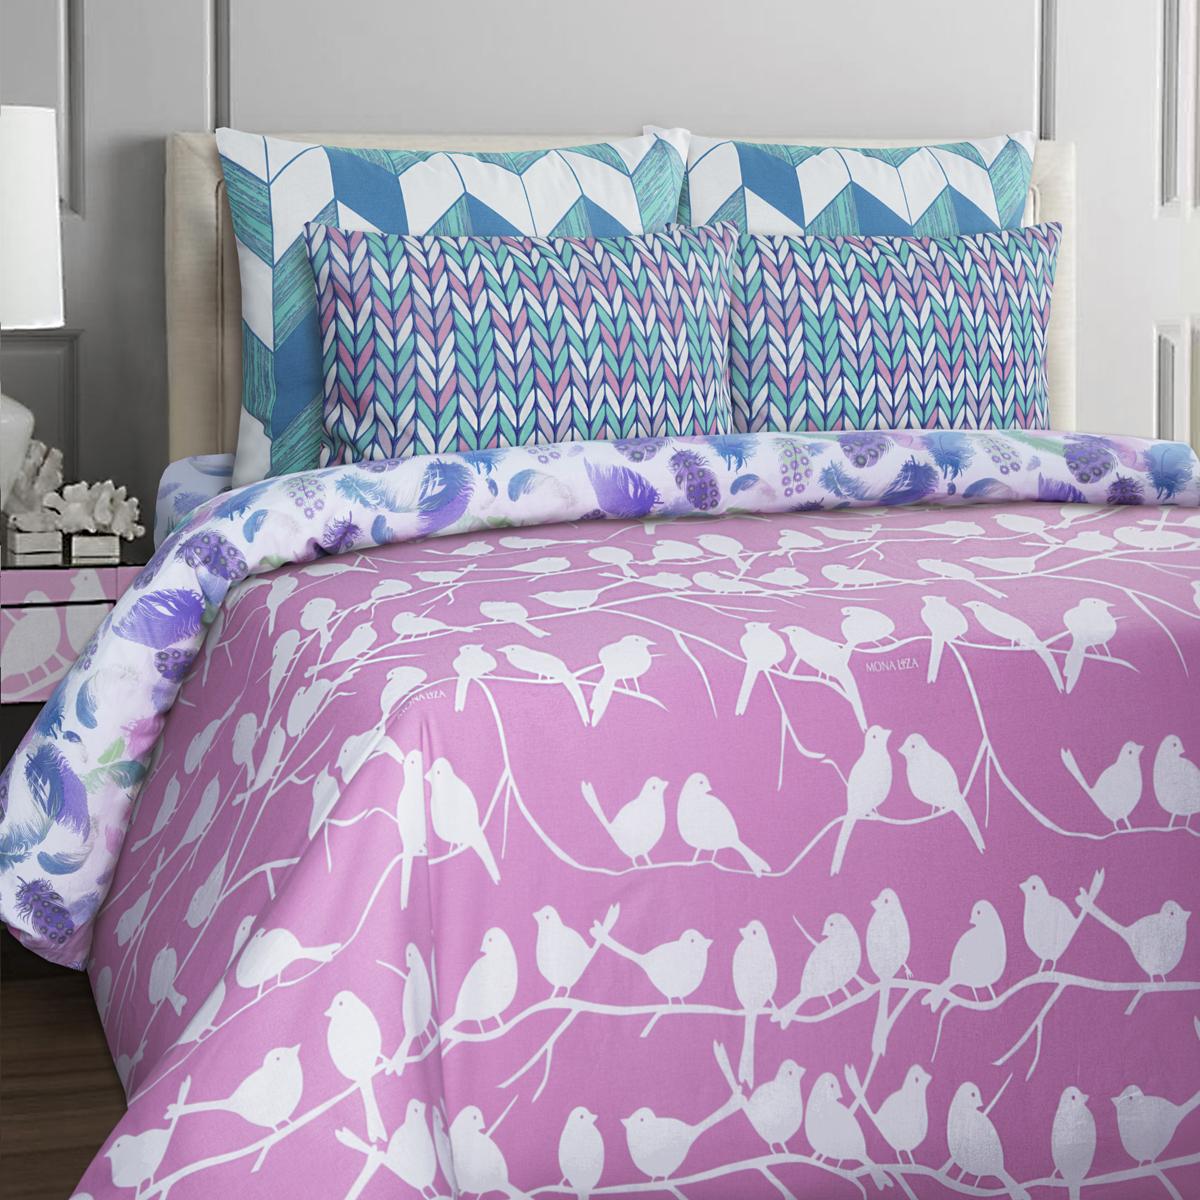 Комплект белья Mona Liza Stone Topaz, 2-спальный, наволочки 50x70. 552205-65